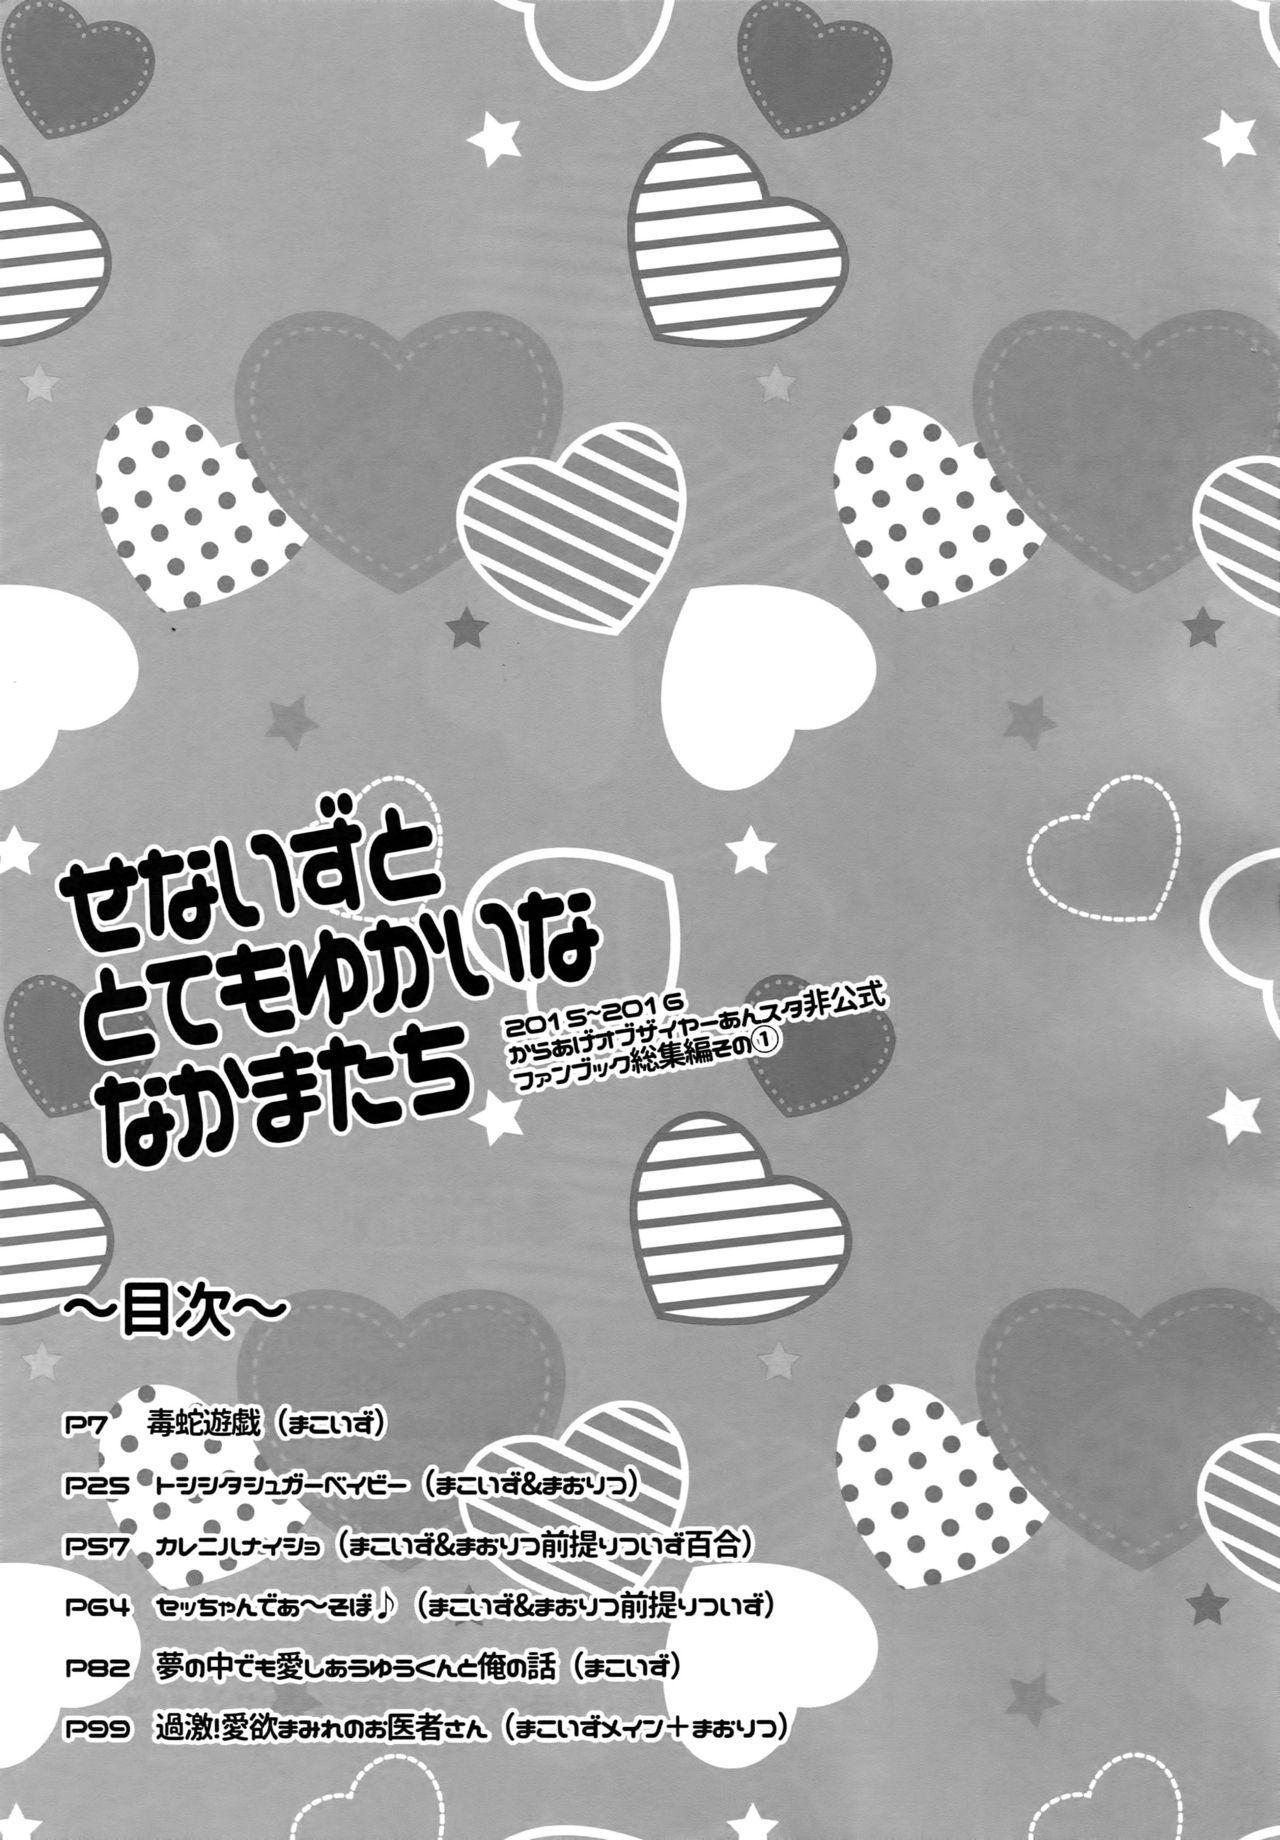 Senaizu to Totemo Yuka ina Naka Matachi 3